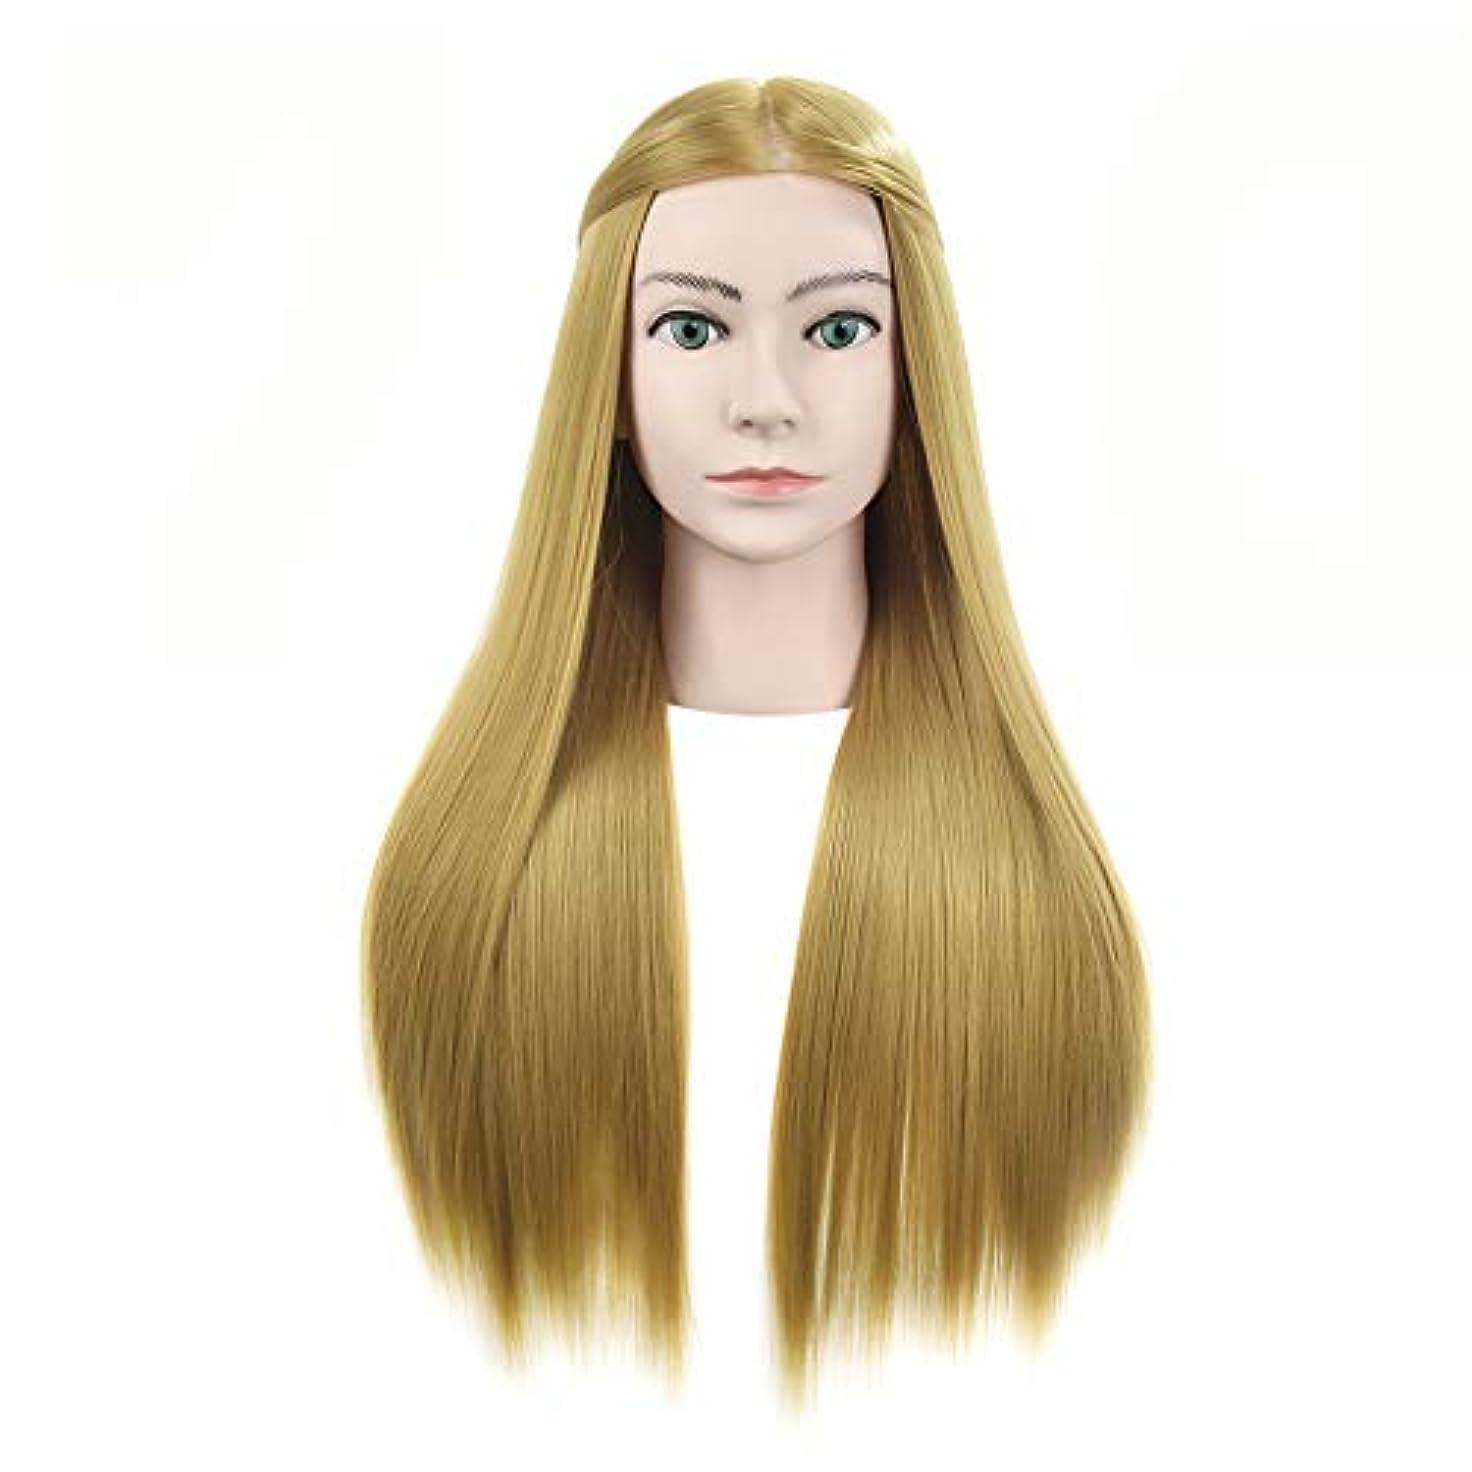 返済アレルギー性少なくともメイクディスクヘアスタイリング編み教育ダミーヘッドサロンエクササイズヘッド金型理髪ヘアカットトレーニングかつら